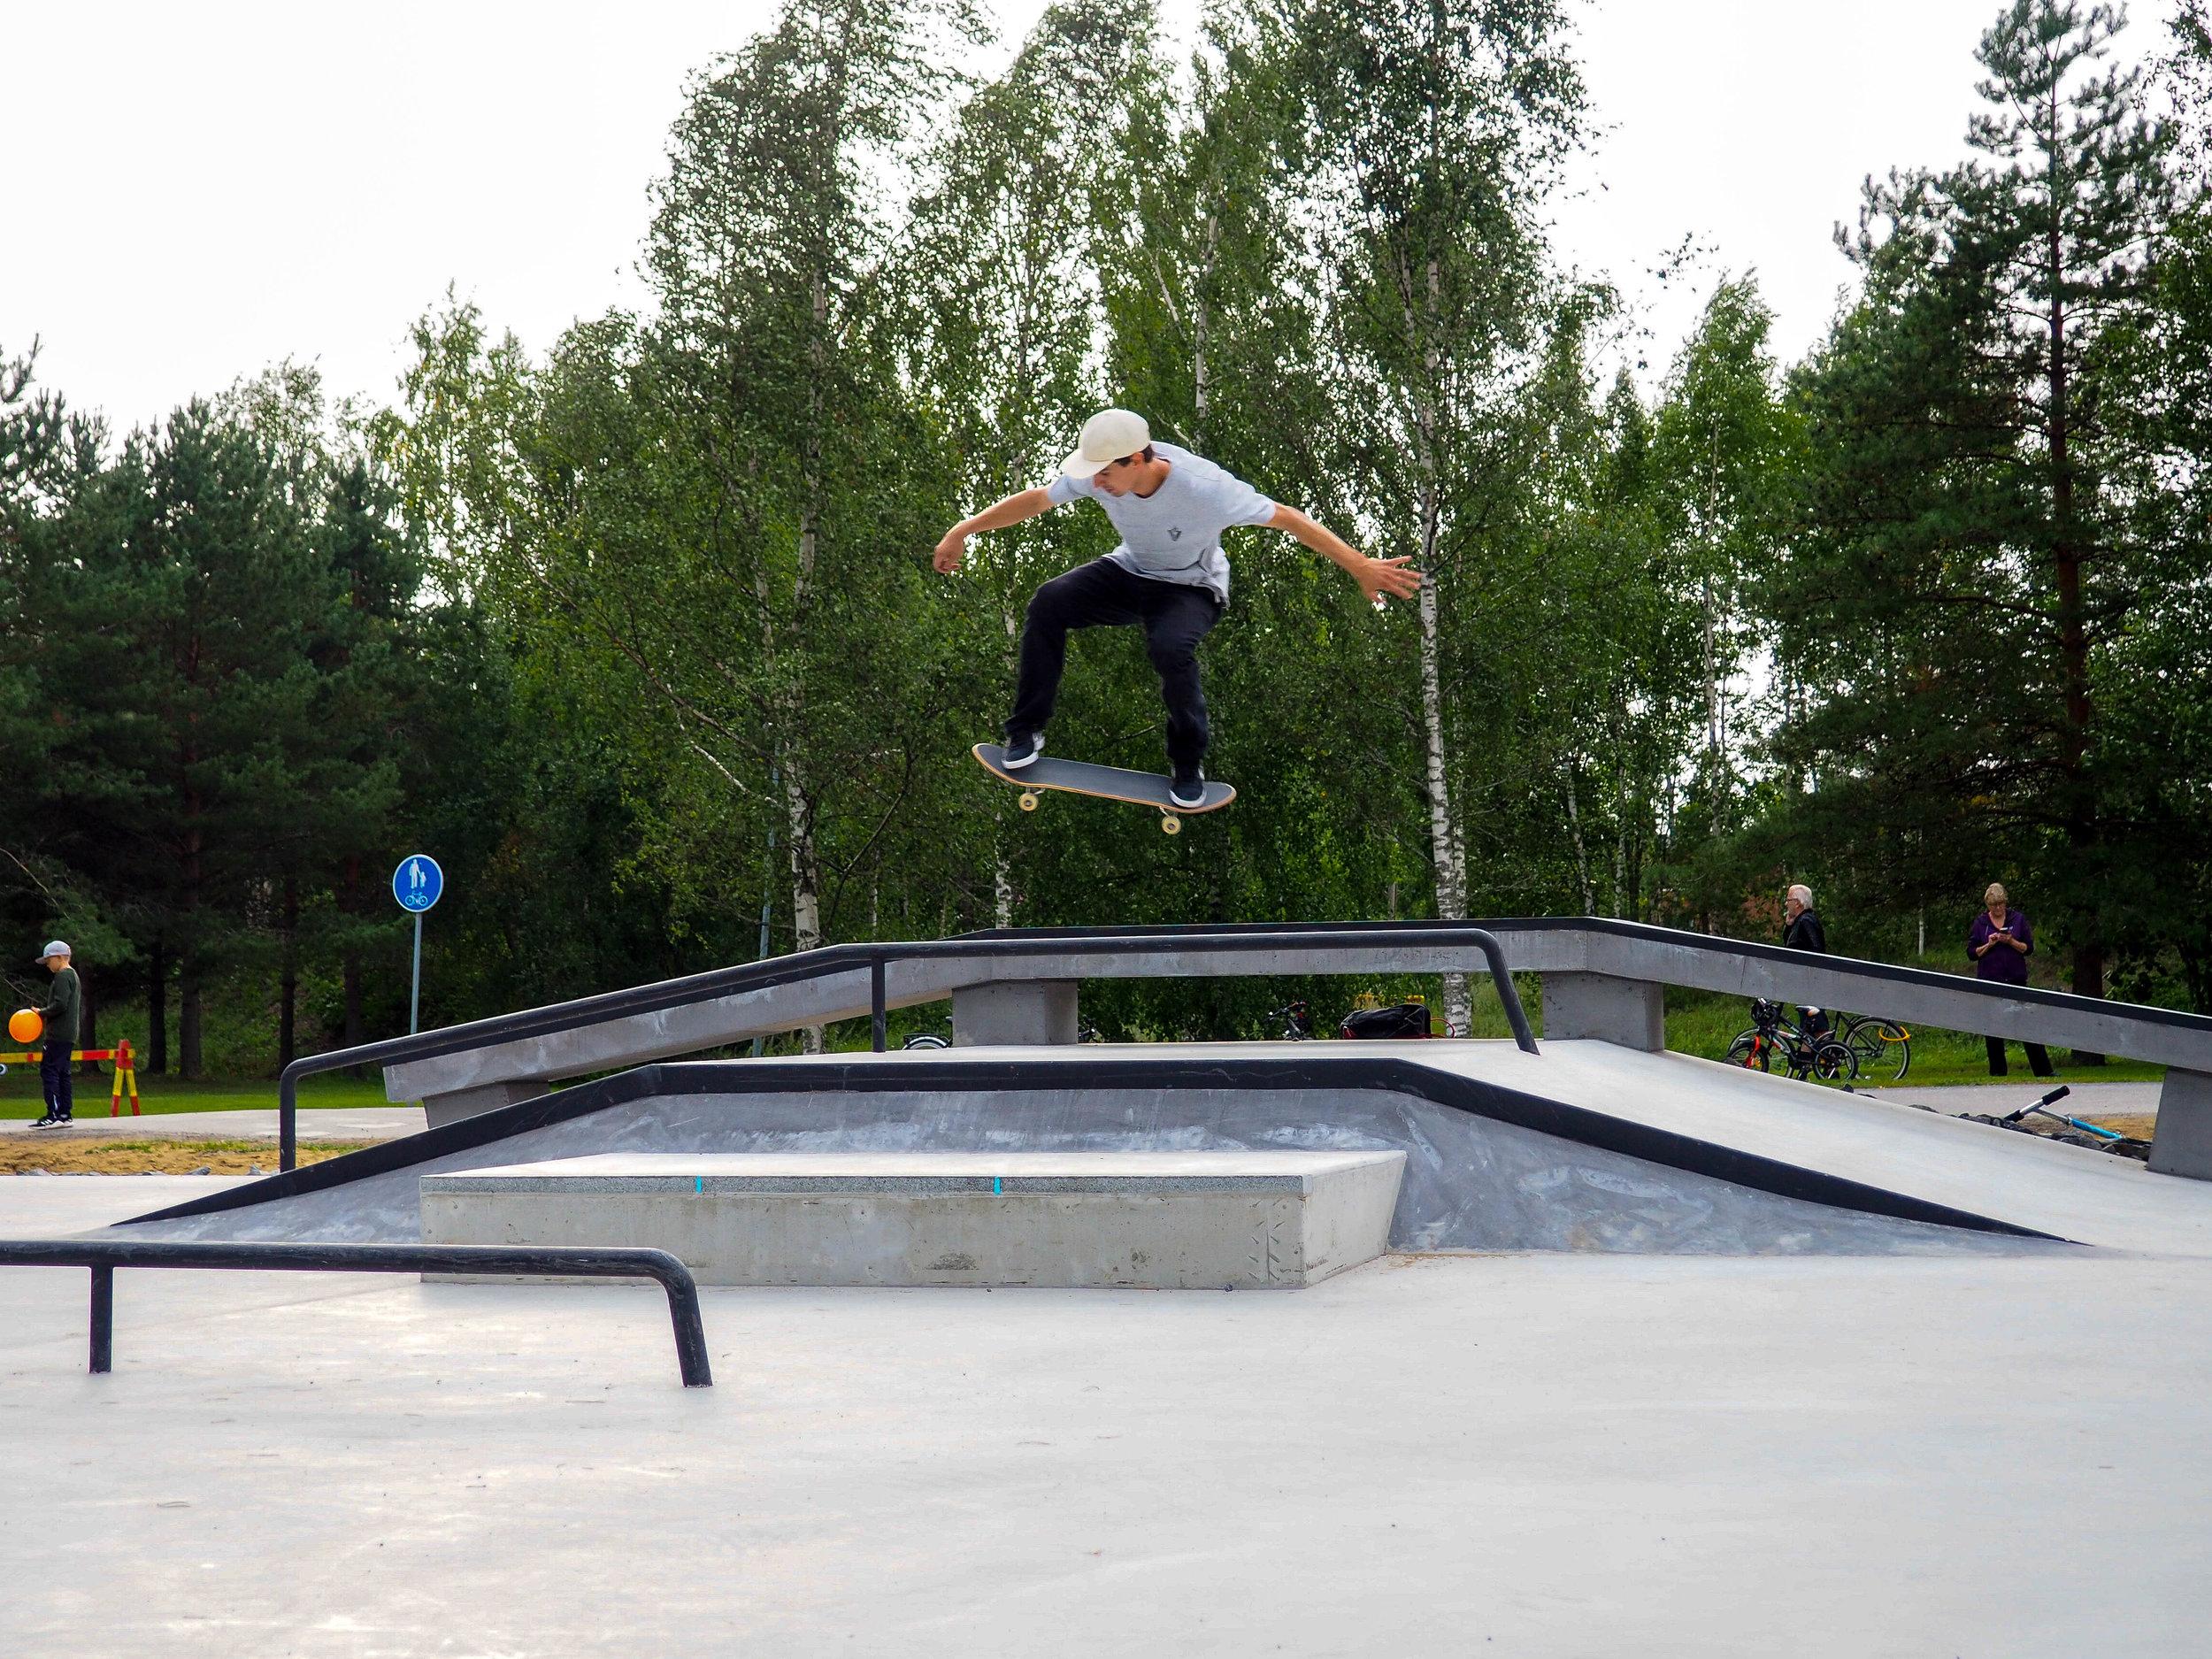 24.8.2018 Avajaiset | Eniz Fazliov - Ollie transfer